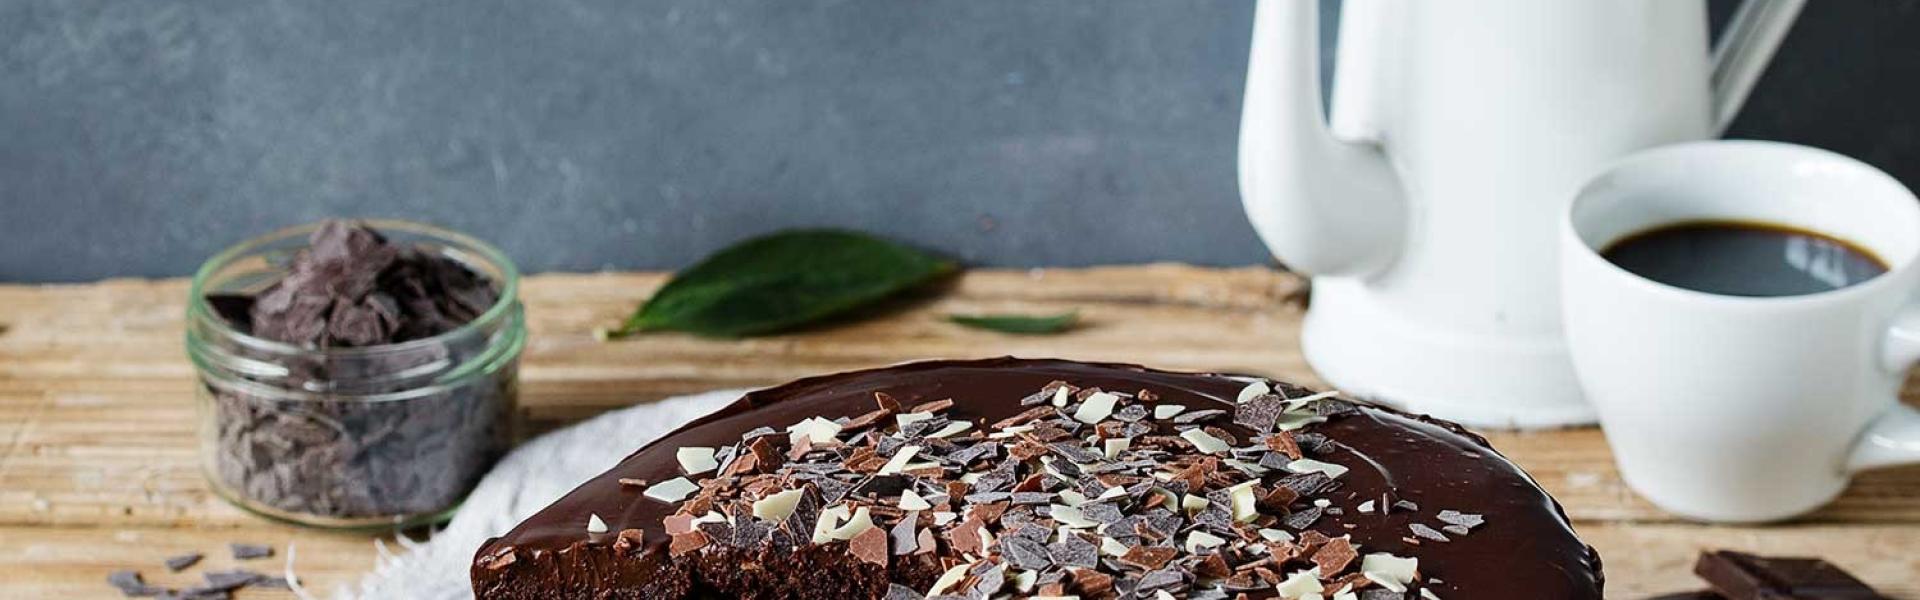 Death by Chocolate angeschnitten auf einer Kuchenplatte auf einem gedeckten Tisch.